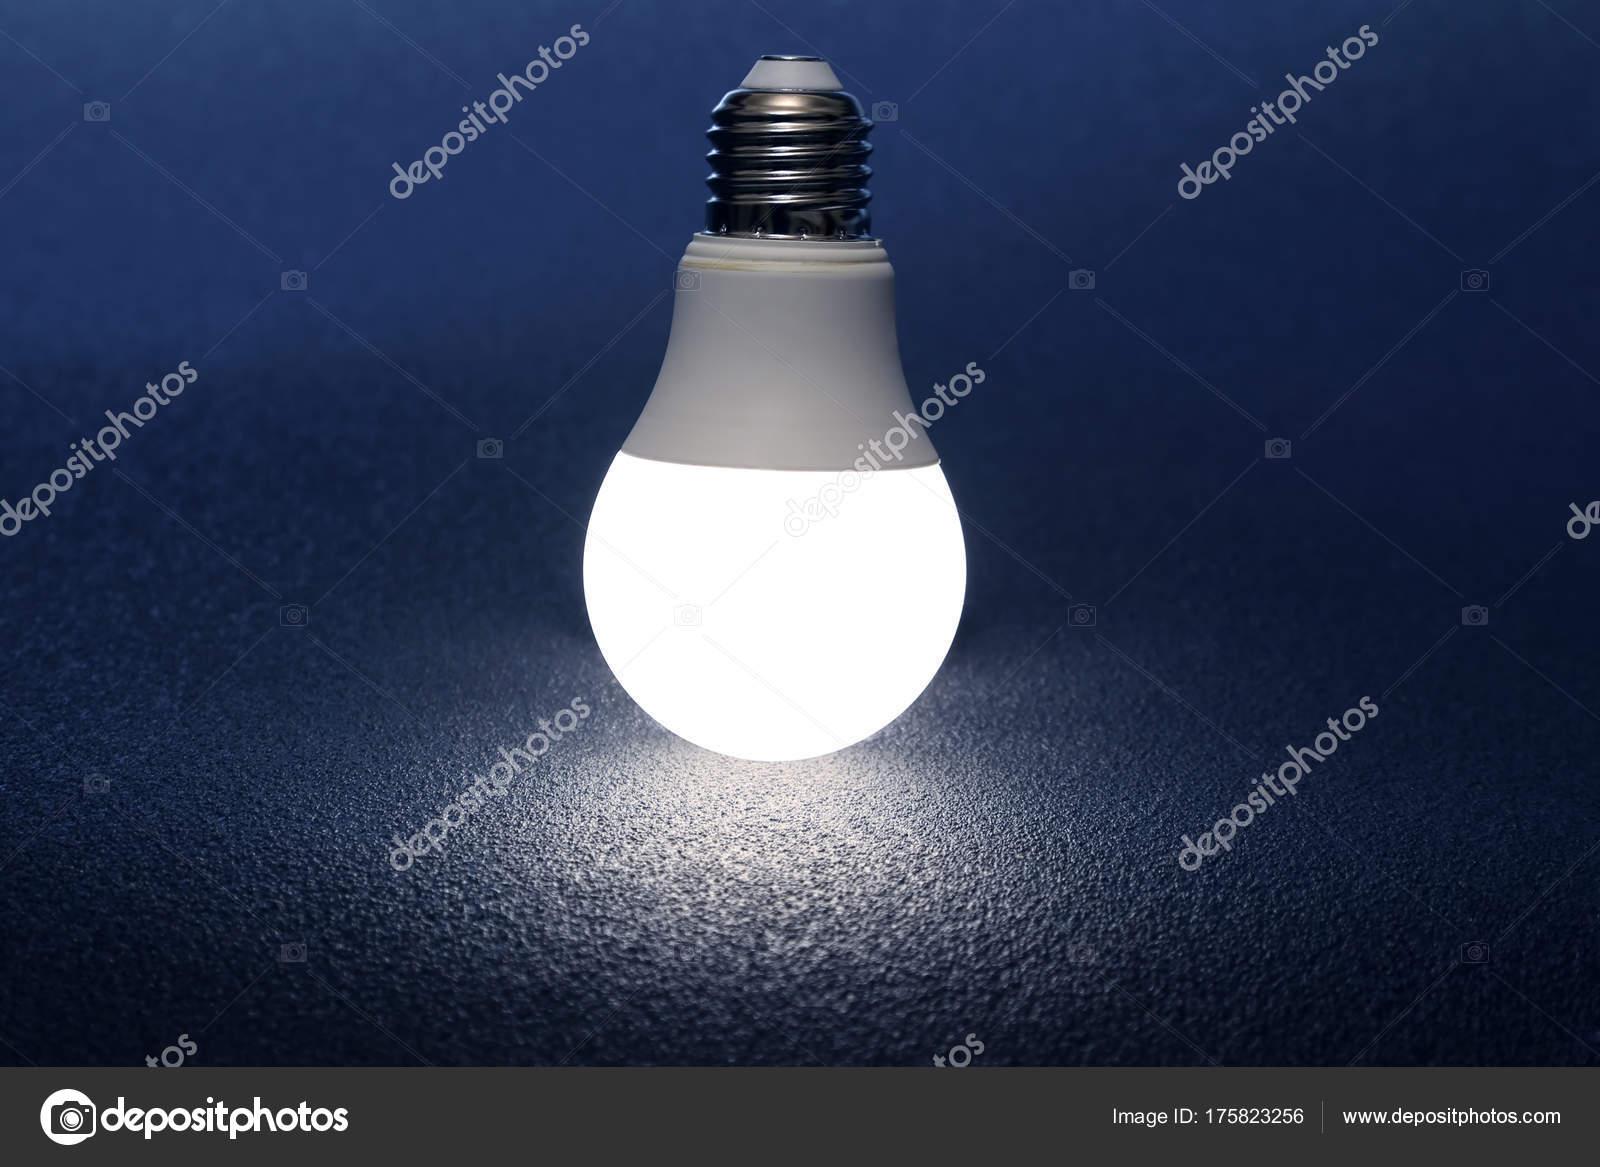 Lampe Led Moderne Est Tourne Sur Fond Sombre Photographie